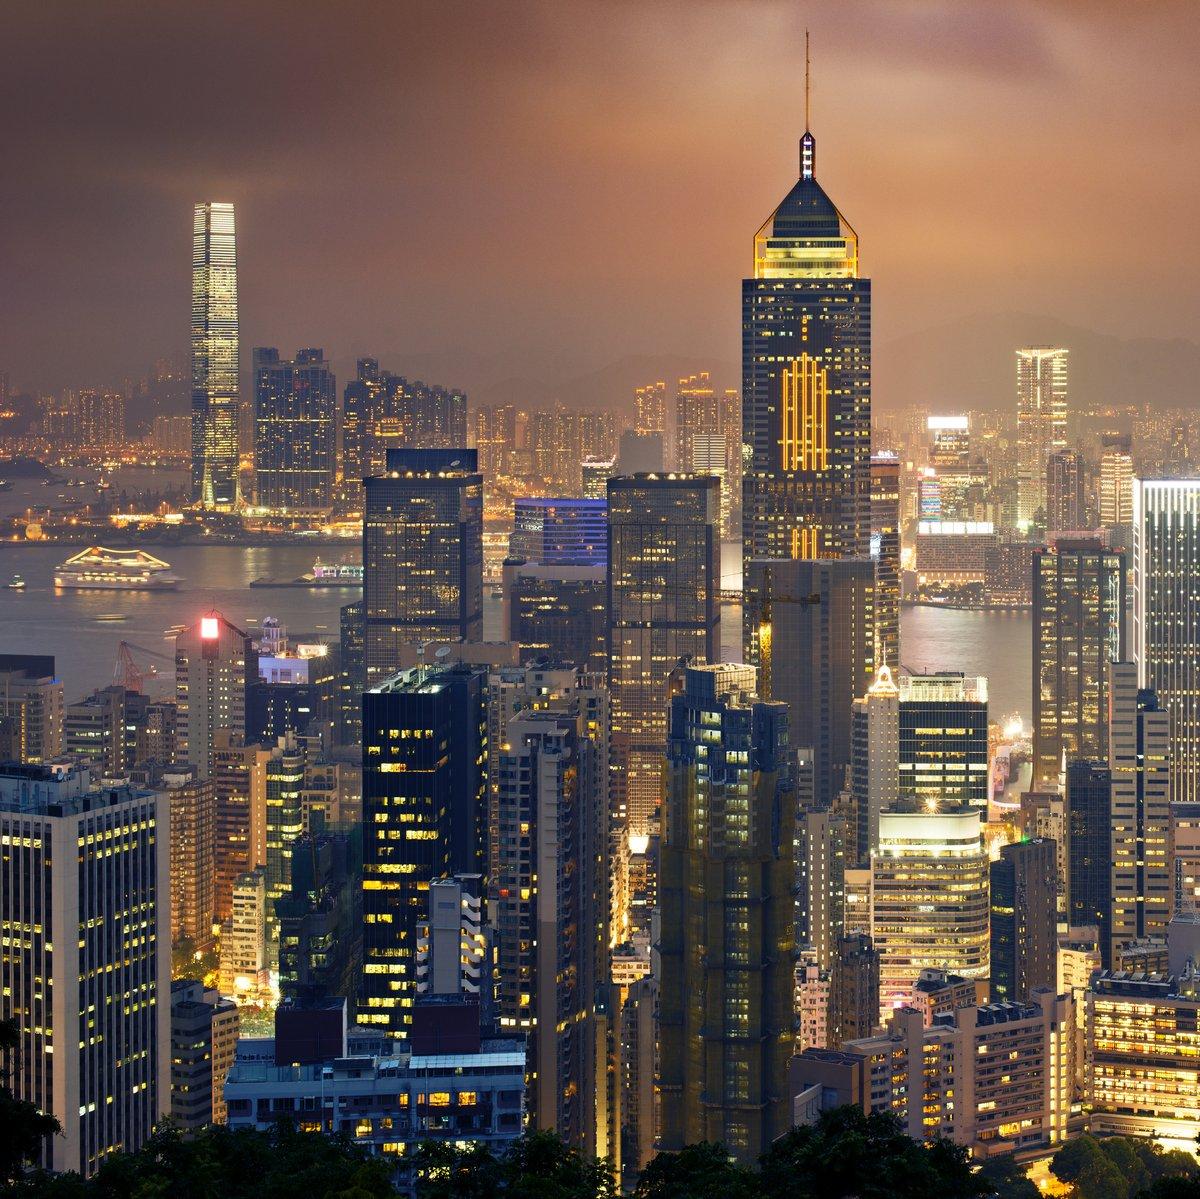 Постер Гонконг Ночной вид на Гонконг и КоулунГонконг<br>Постер на холсте или бумаге. Любого нужного вам размера. В раме или без. Подвес в комплекте. Трехслойная надежная упаковка. Доставим в любую точку России. Вам осталось только повесить картину на стену!<br>